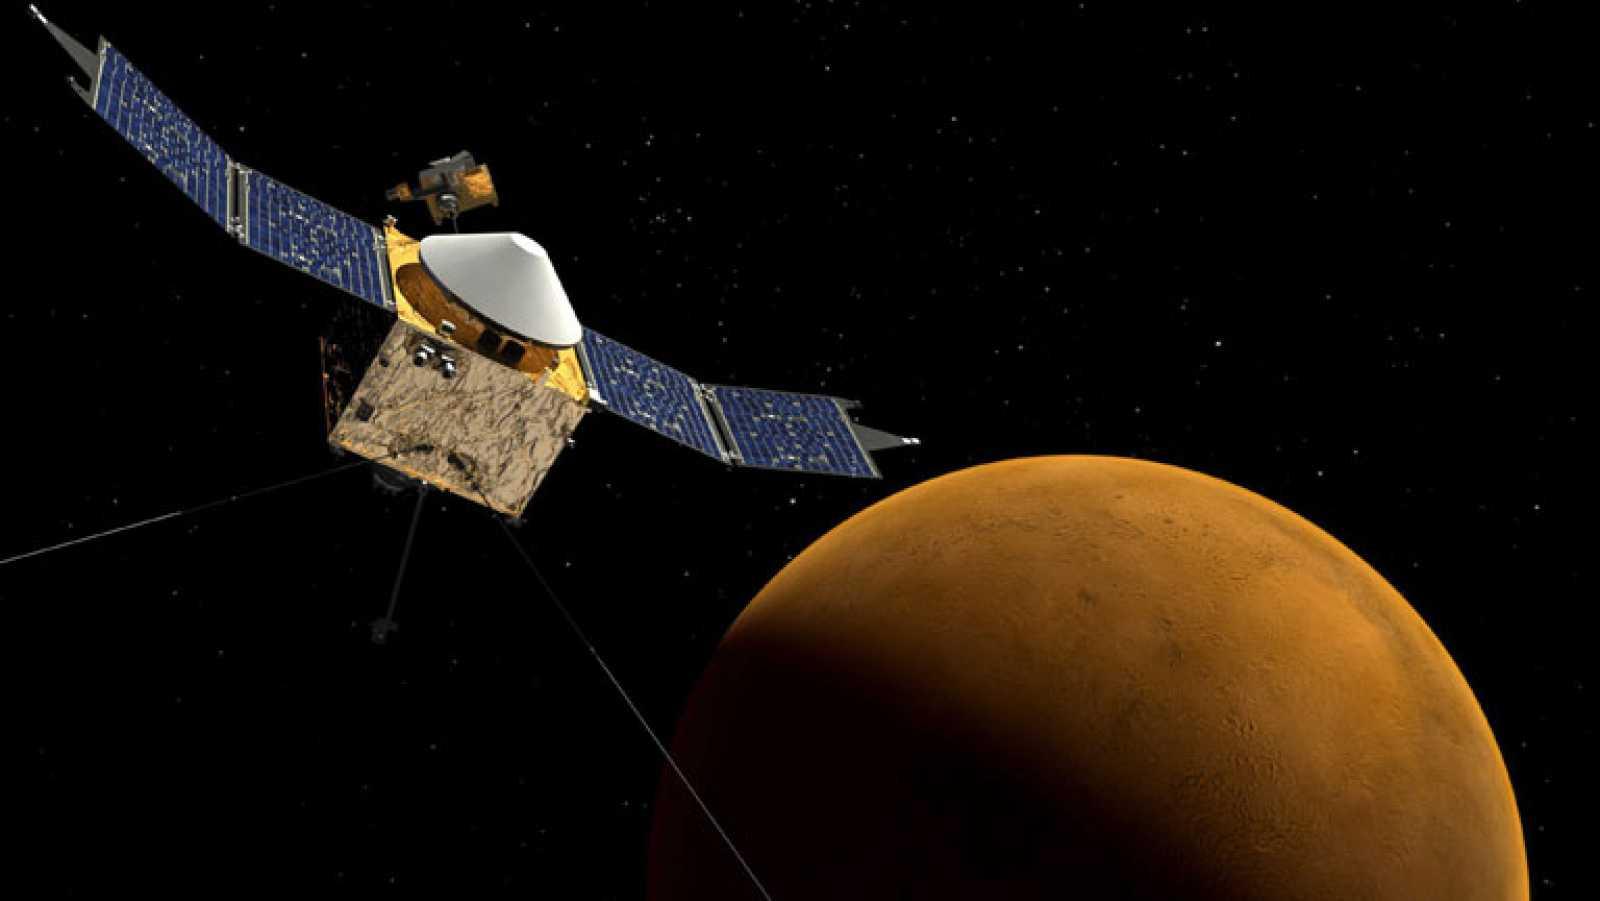 La sonda MAVEN entra en la órbita de Marte para estudiar la atmósfera del planeta